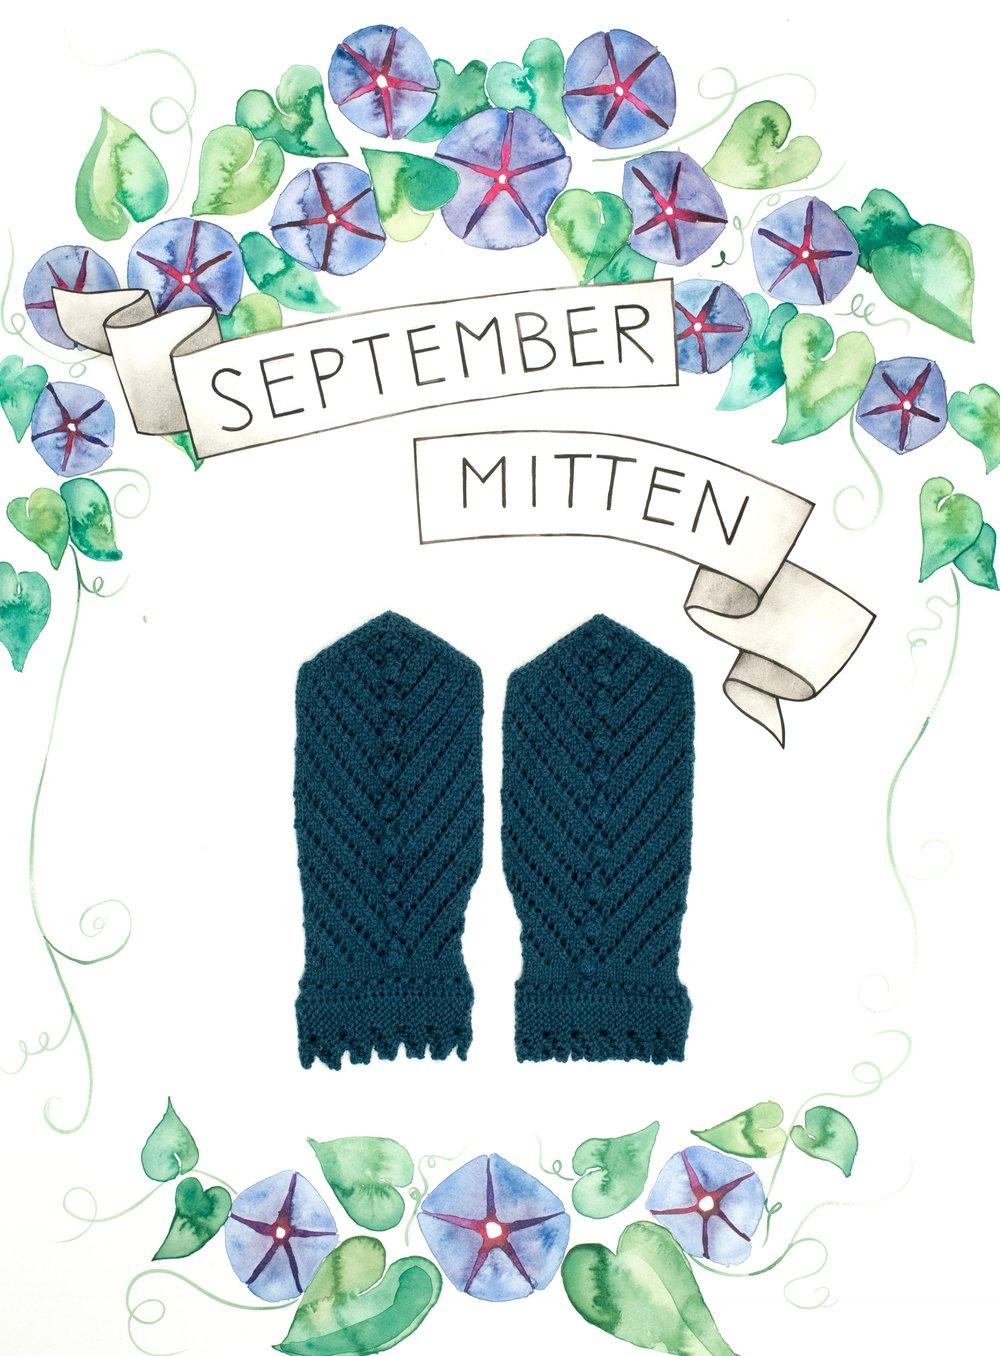 SeptemberMitten-9.jpg